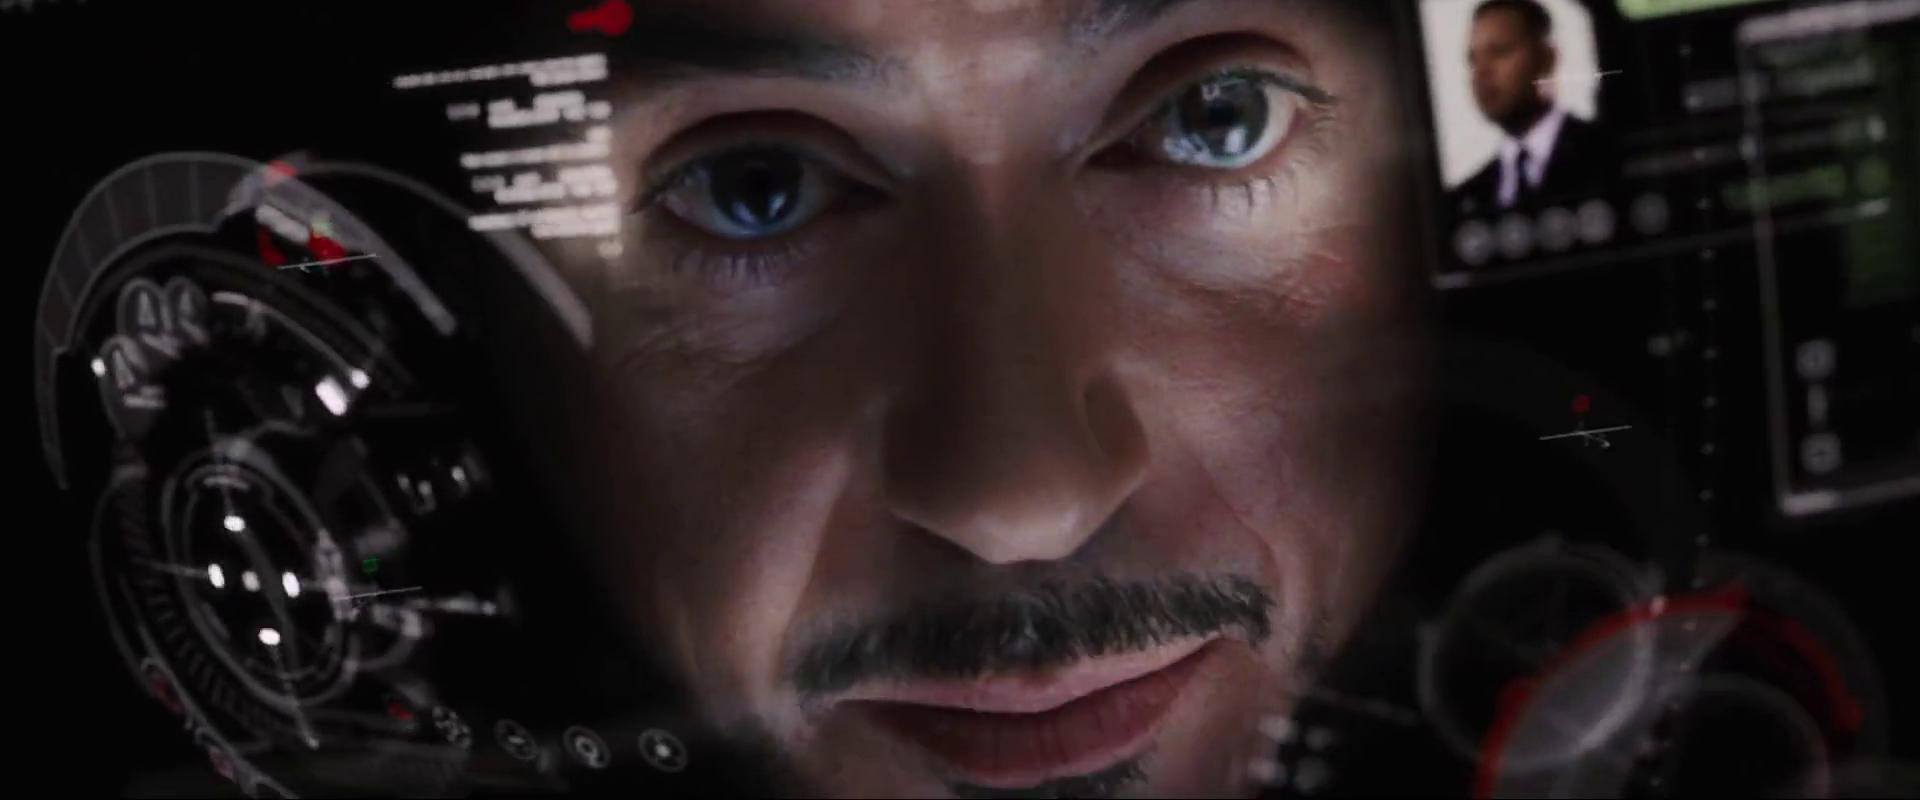 Tony Stark és a páncélja irányító felülete a <em>Vasember</em>ben